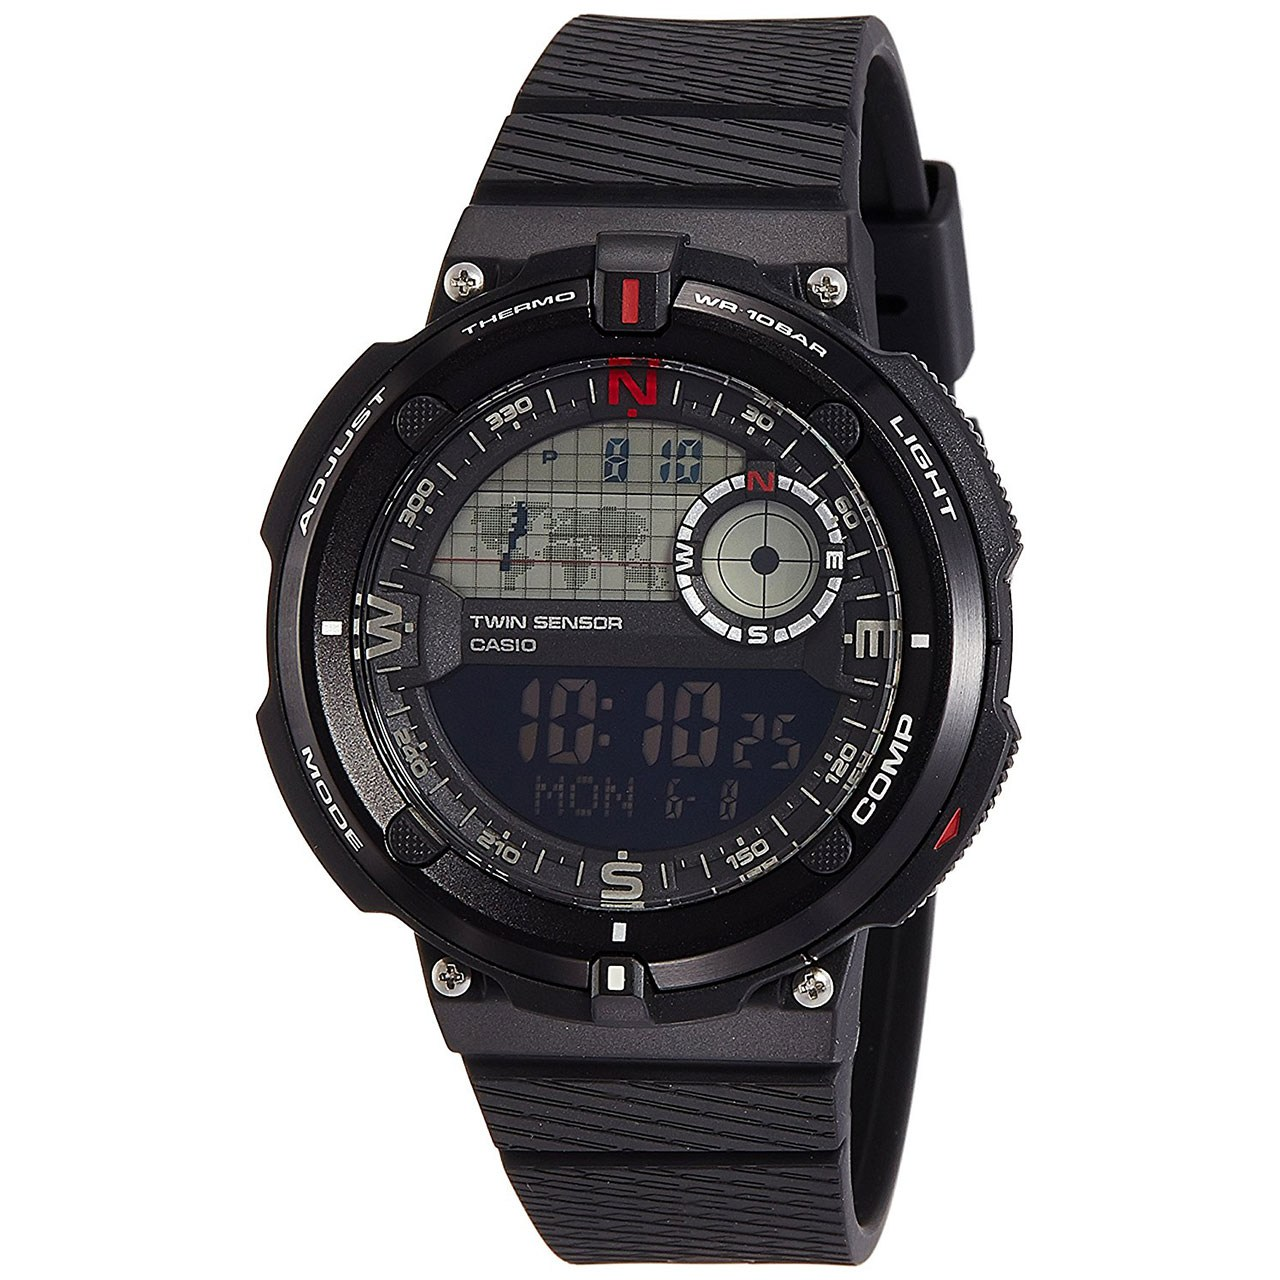 ساعت مچی دیجیتال مردانه کاسیو مدل SGW-600H-1BDR 13